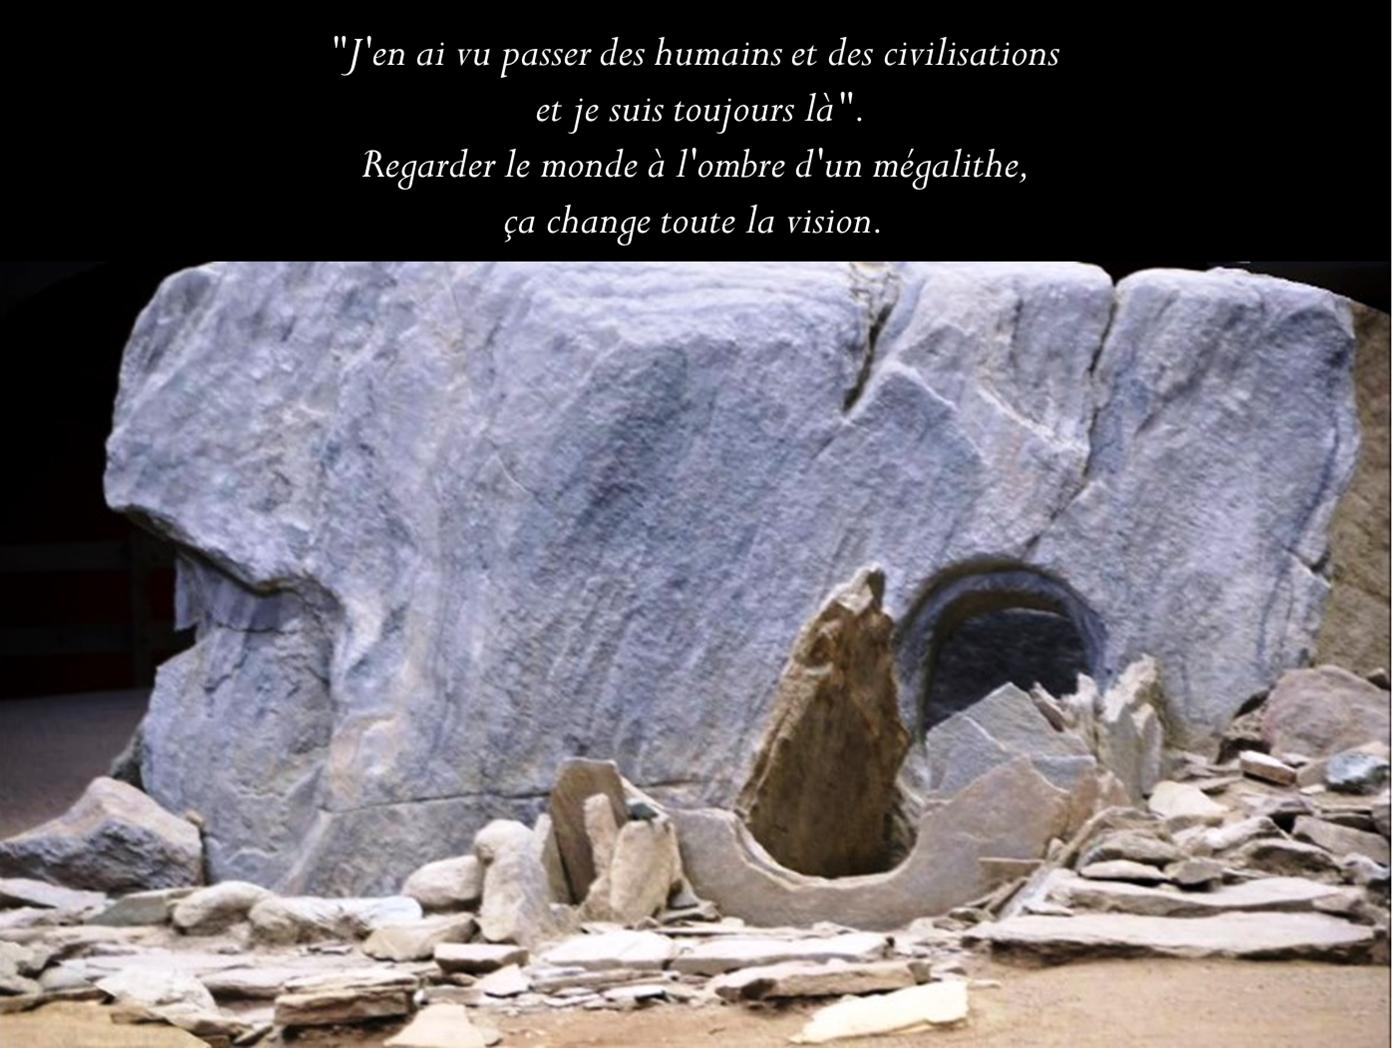 Meditazioni all'ombra di un megalite